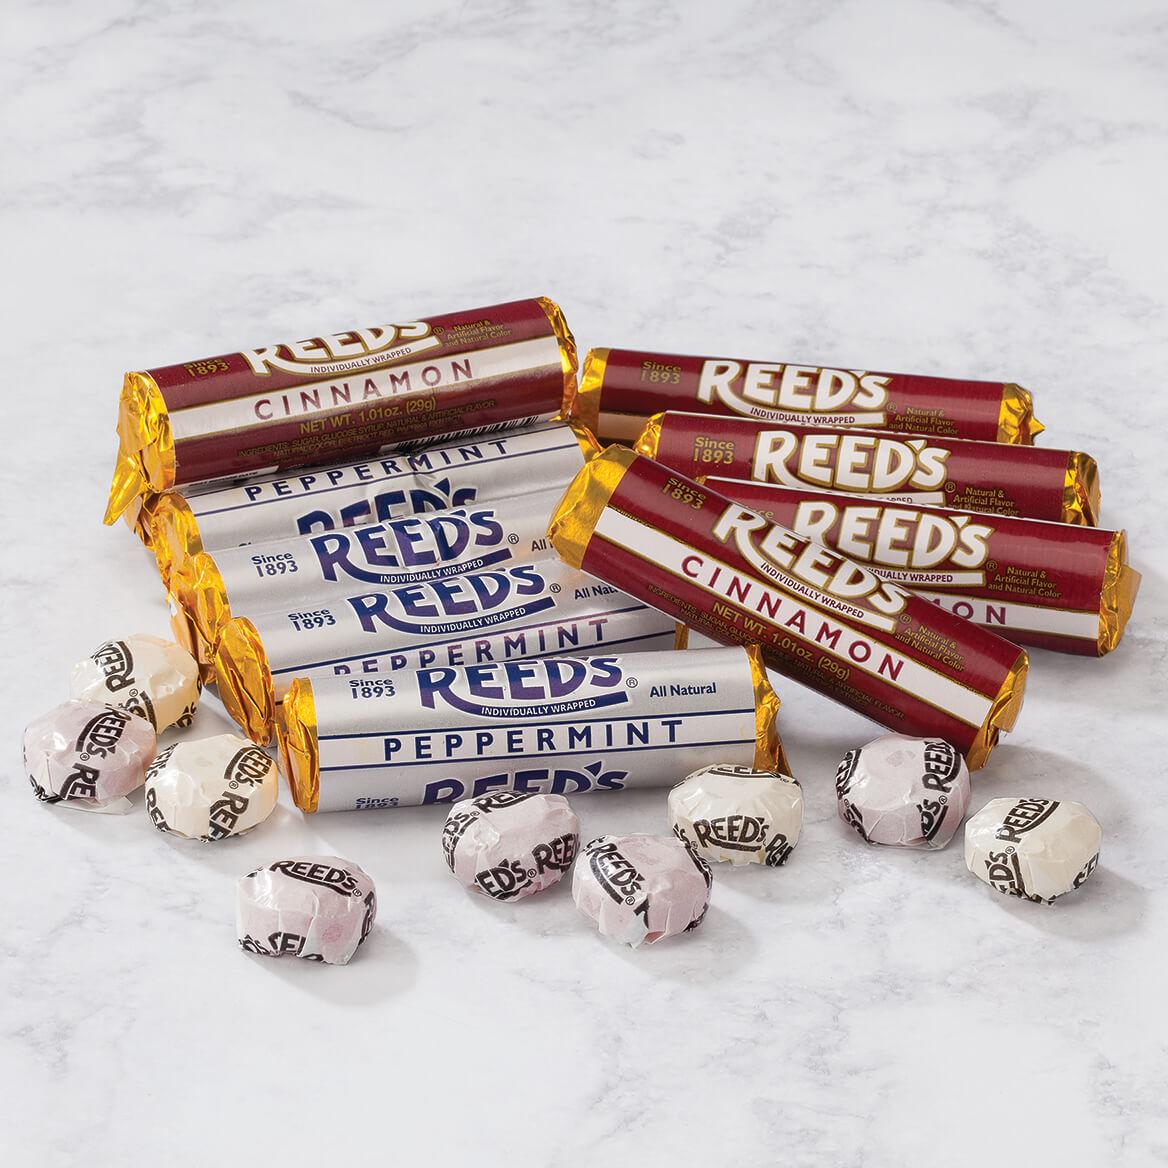 Reeds Cinnamon 1.01 oz. Set of 6-368969